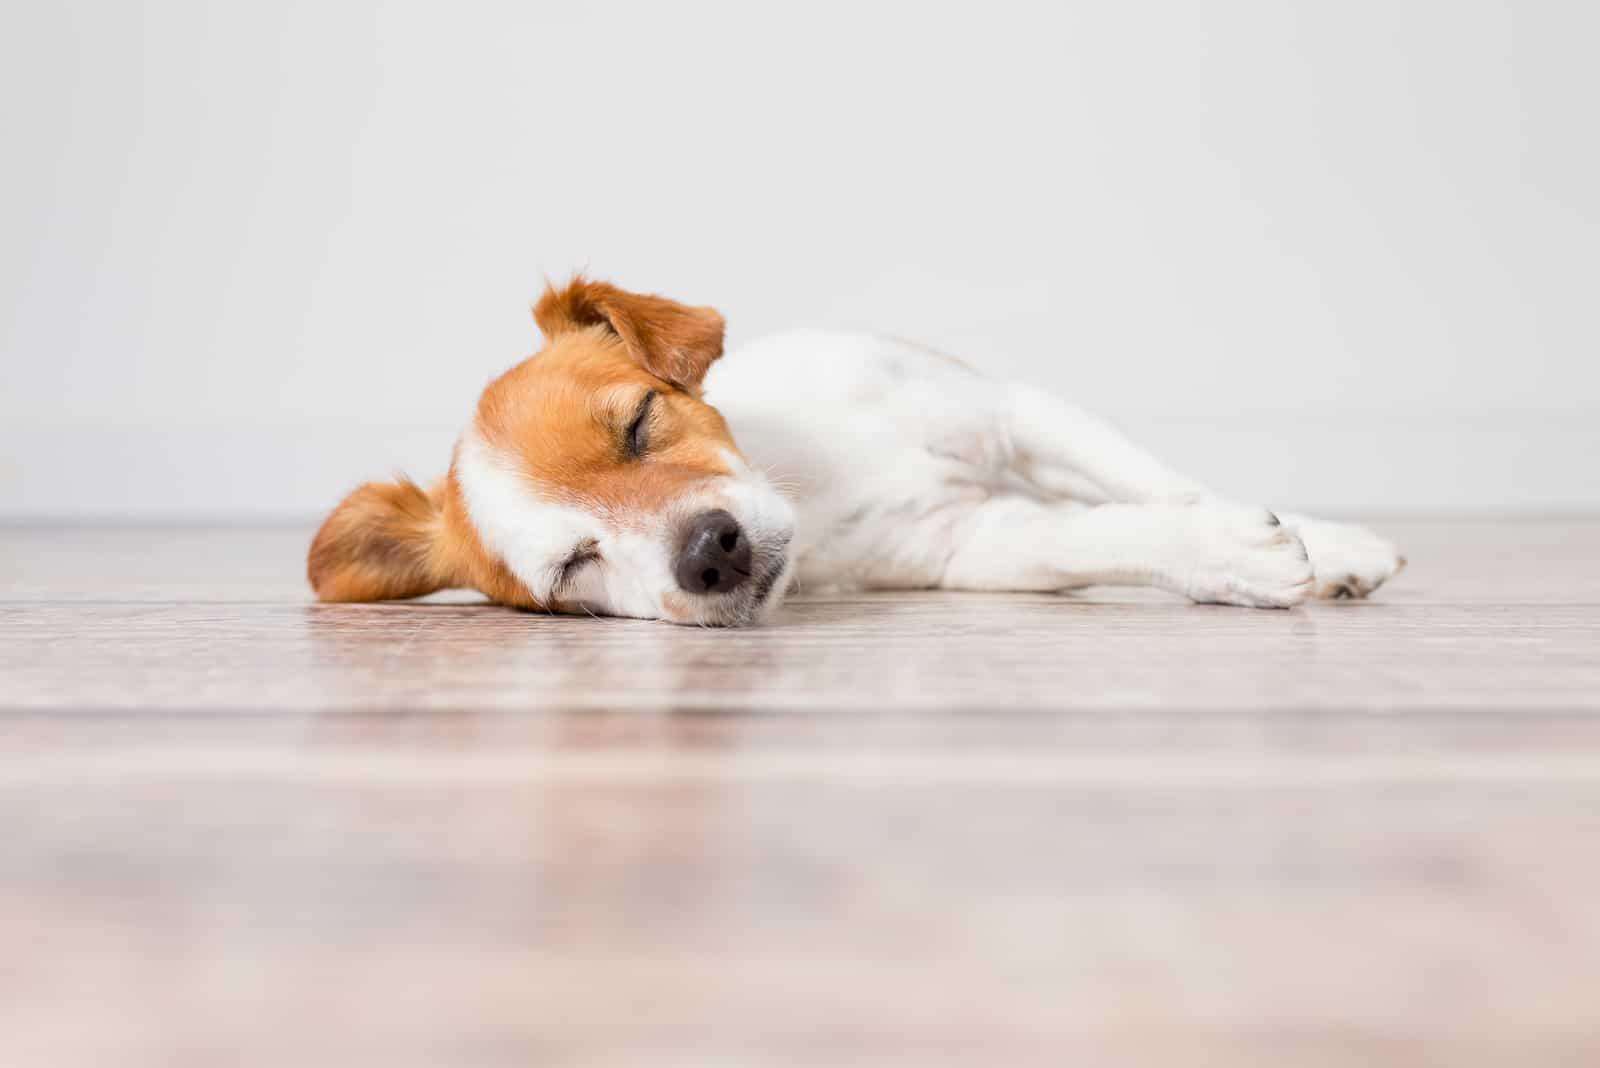 süßer kleiner Hund liegt auf dem Boden und schläft